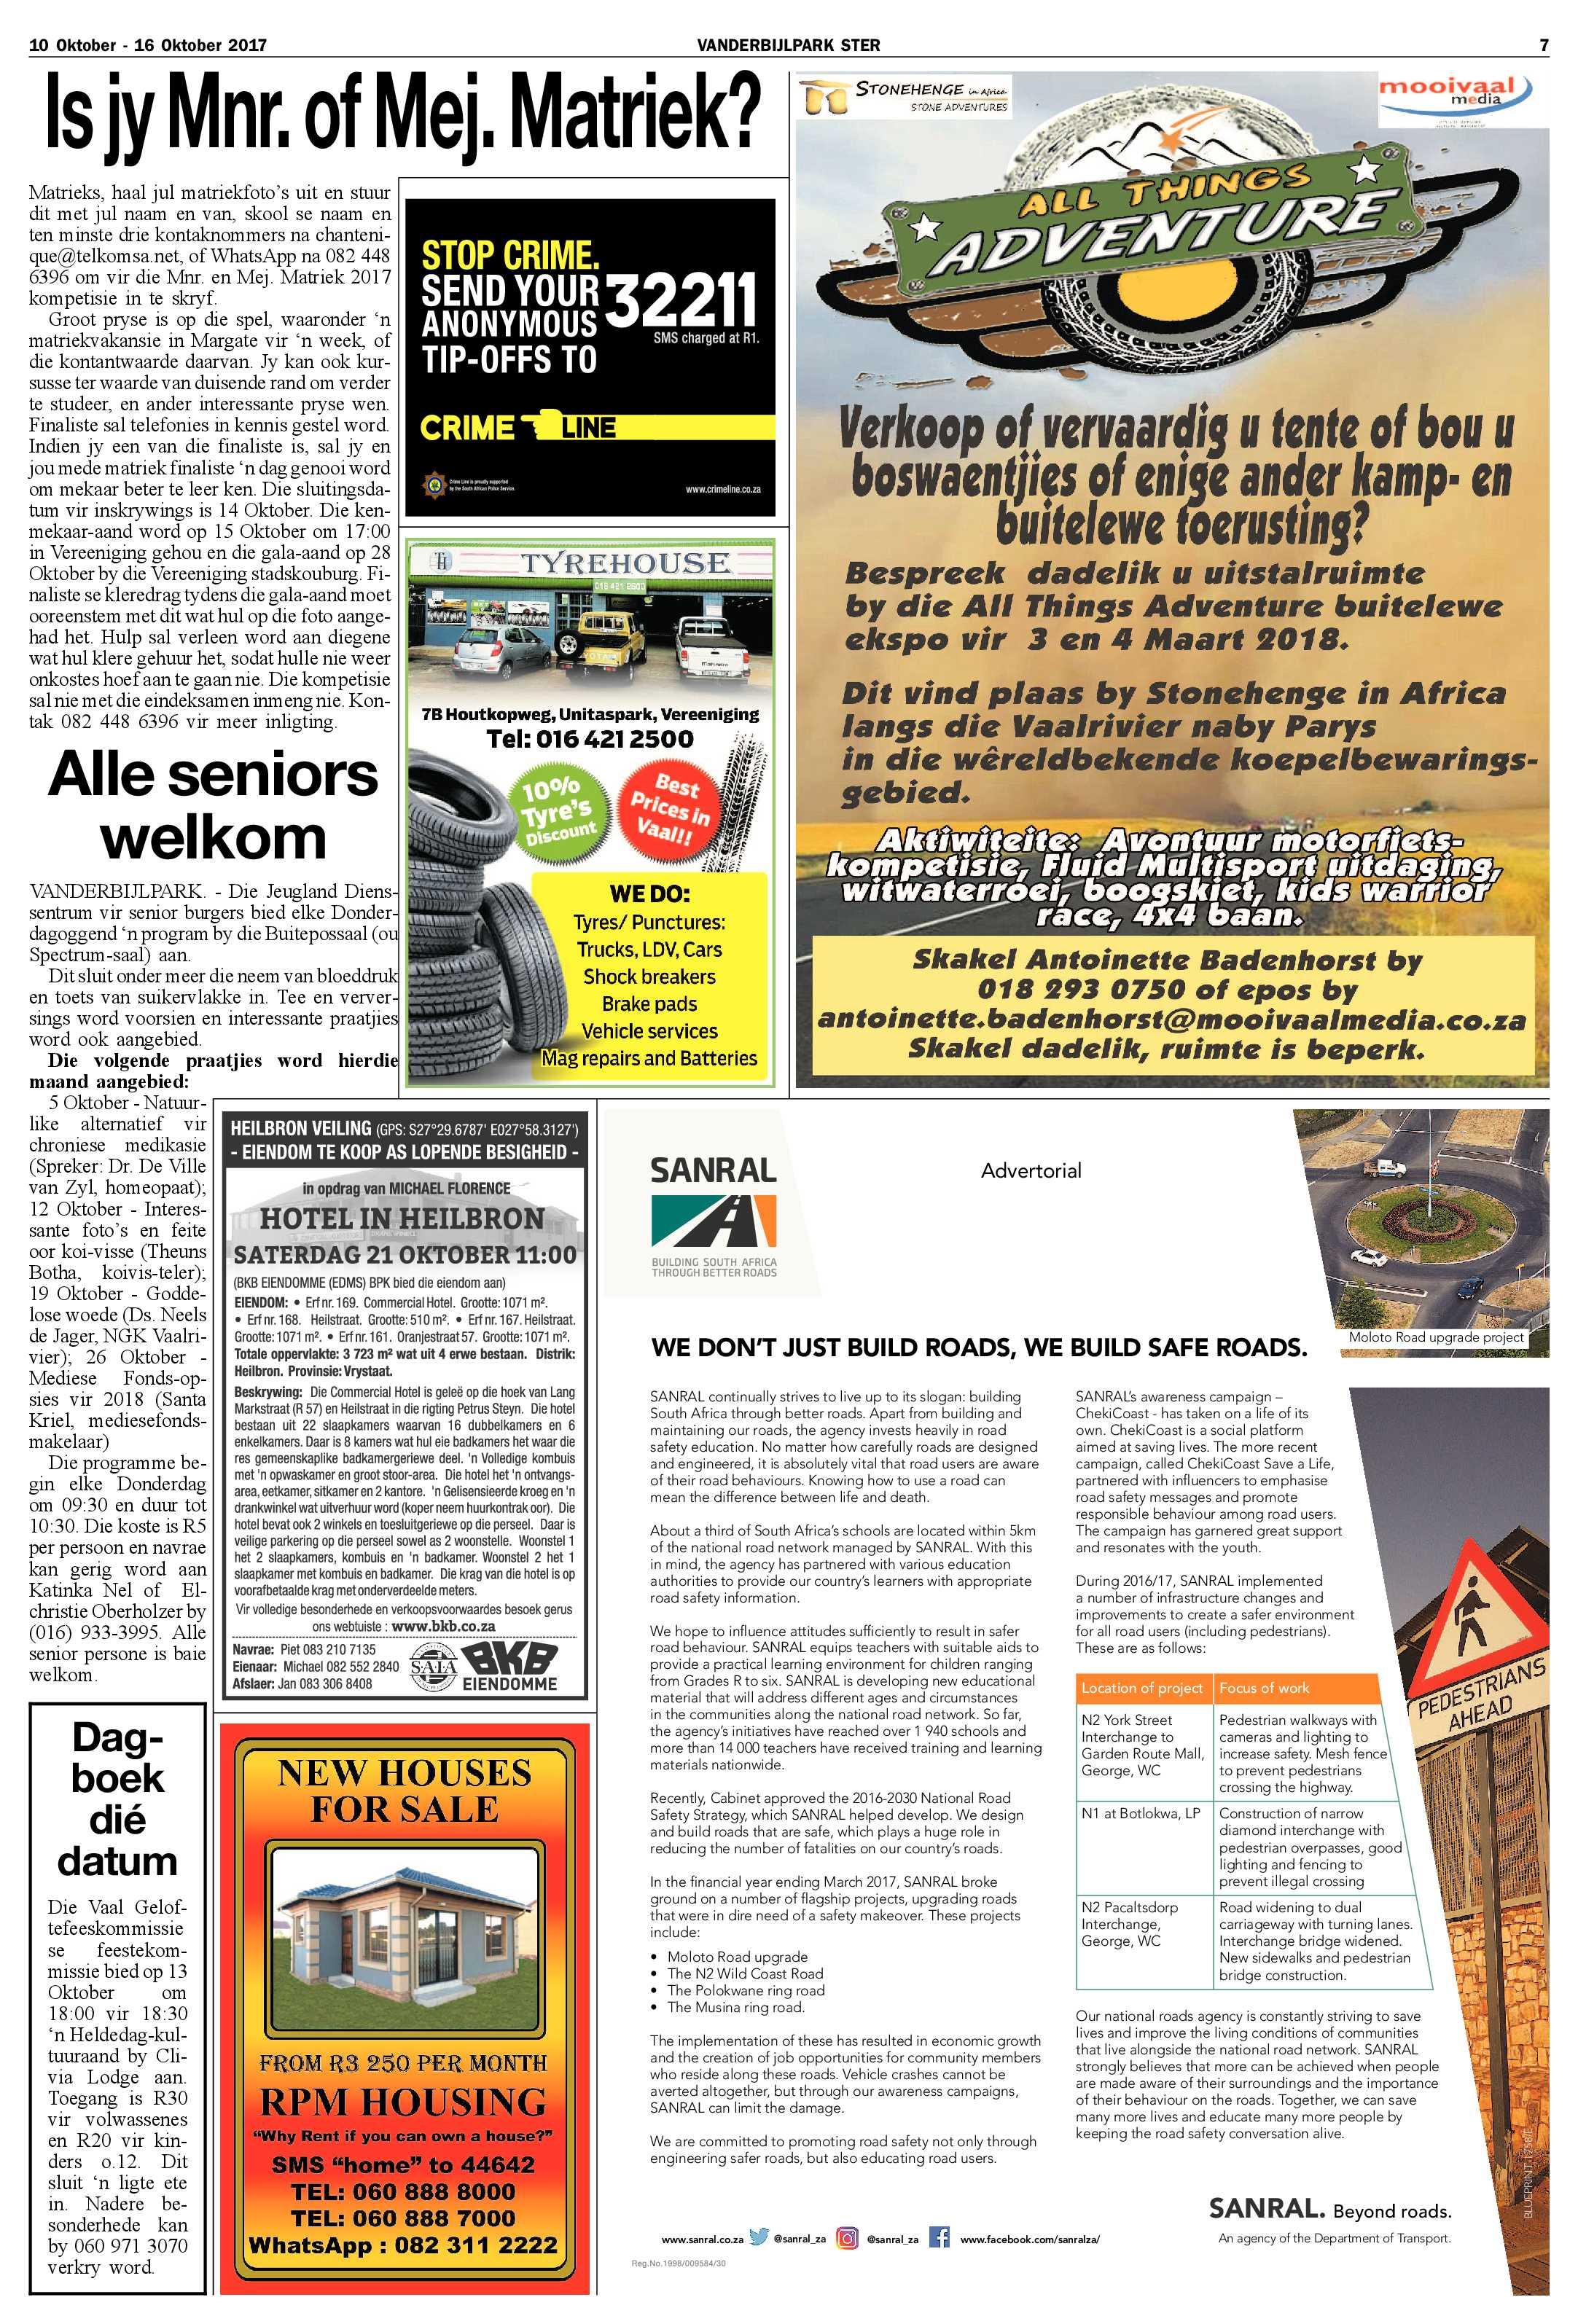 vanderbijlpark-ster-10-16-oktober-2017-epapers-page-7